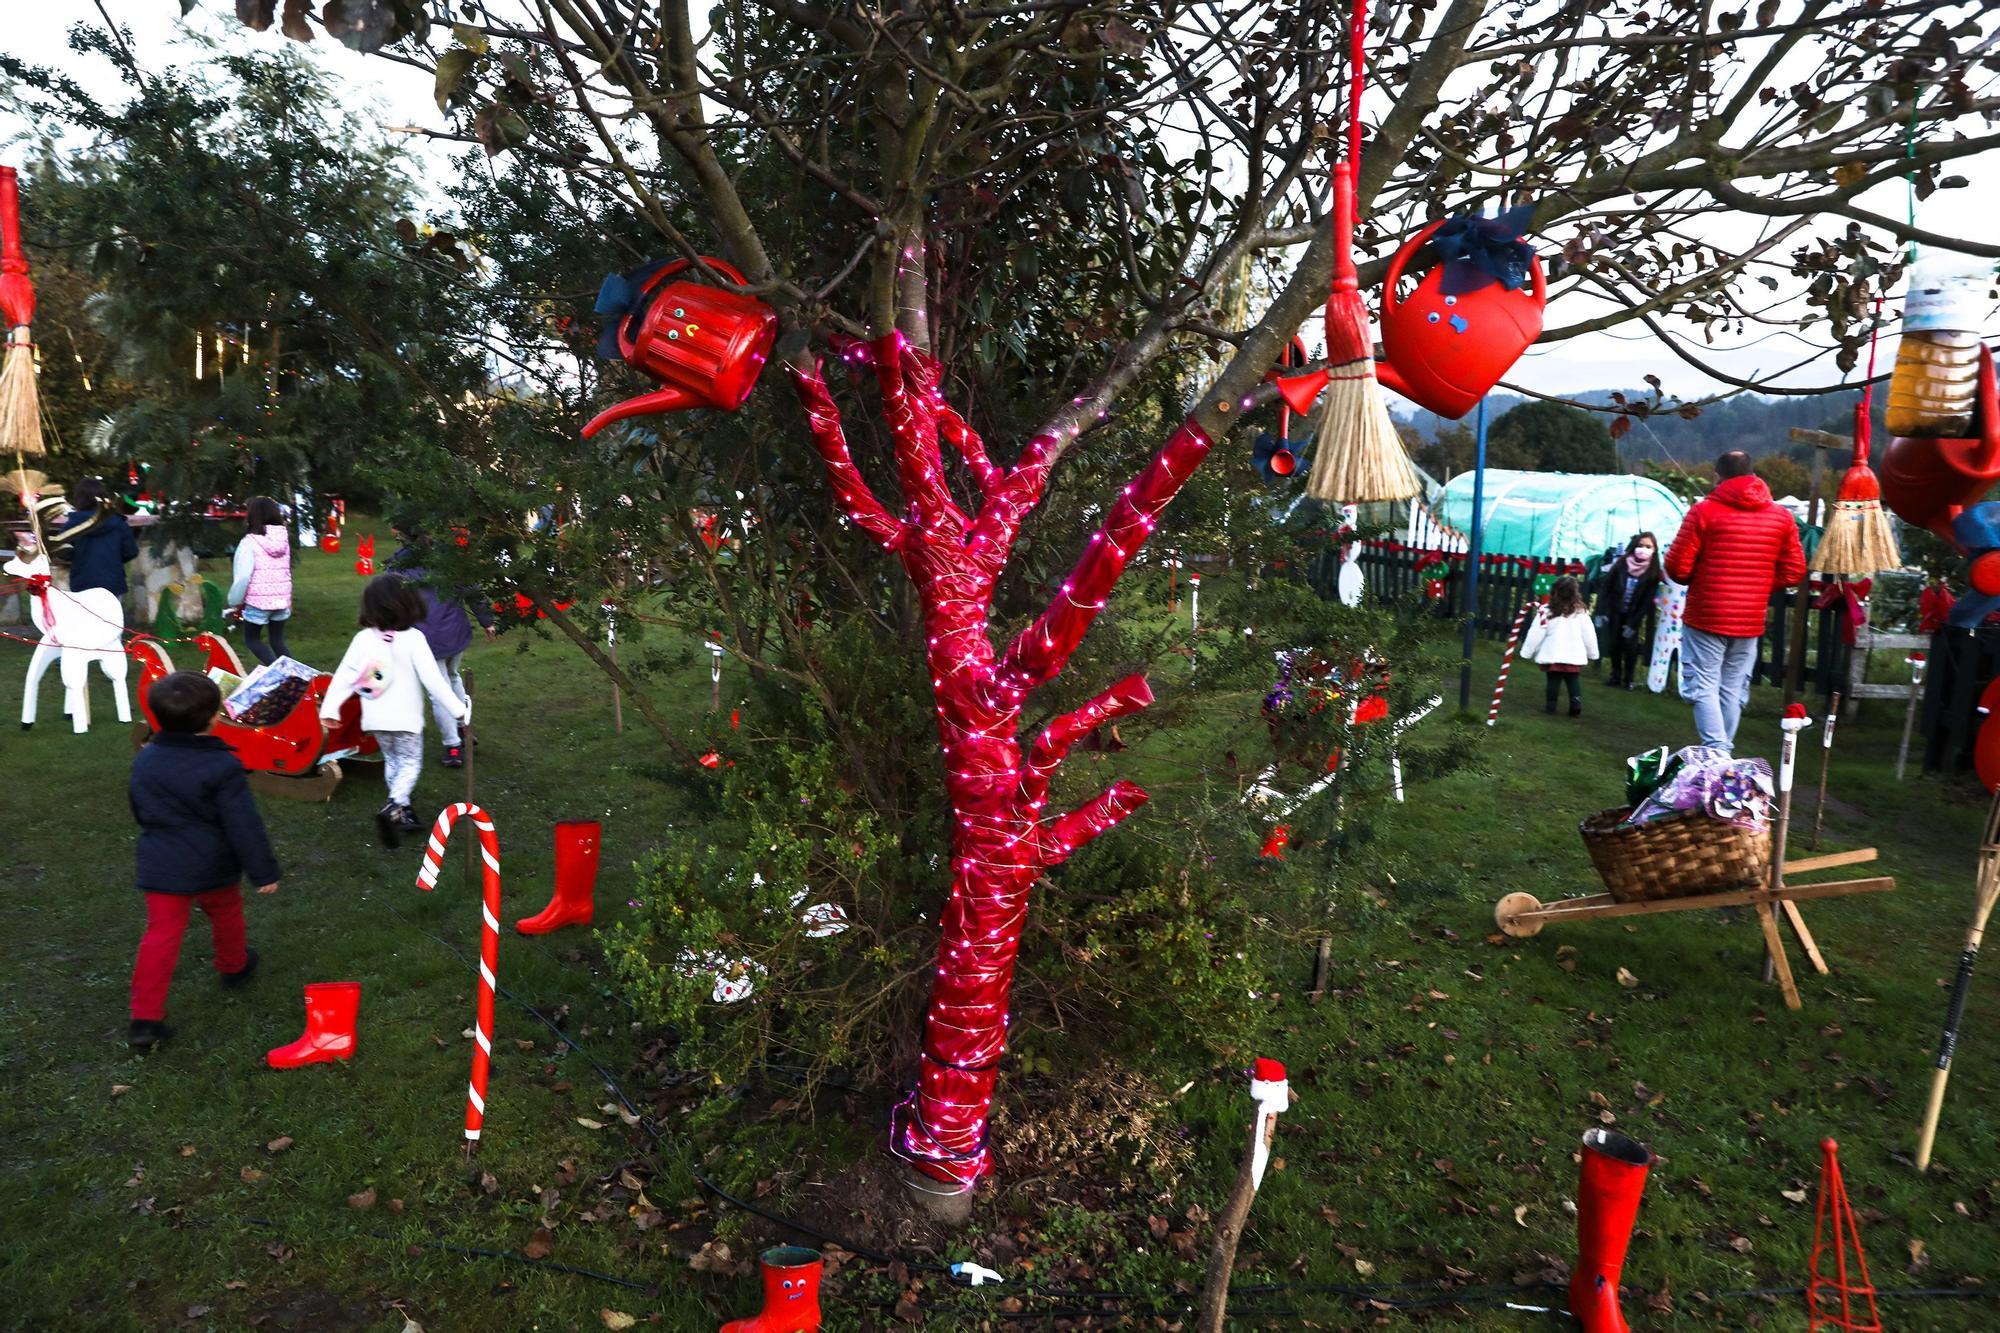 Los Huertos de Cabue�es, jardines de ilusi�n en Navidad (17).jpg